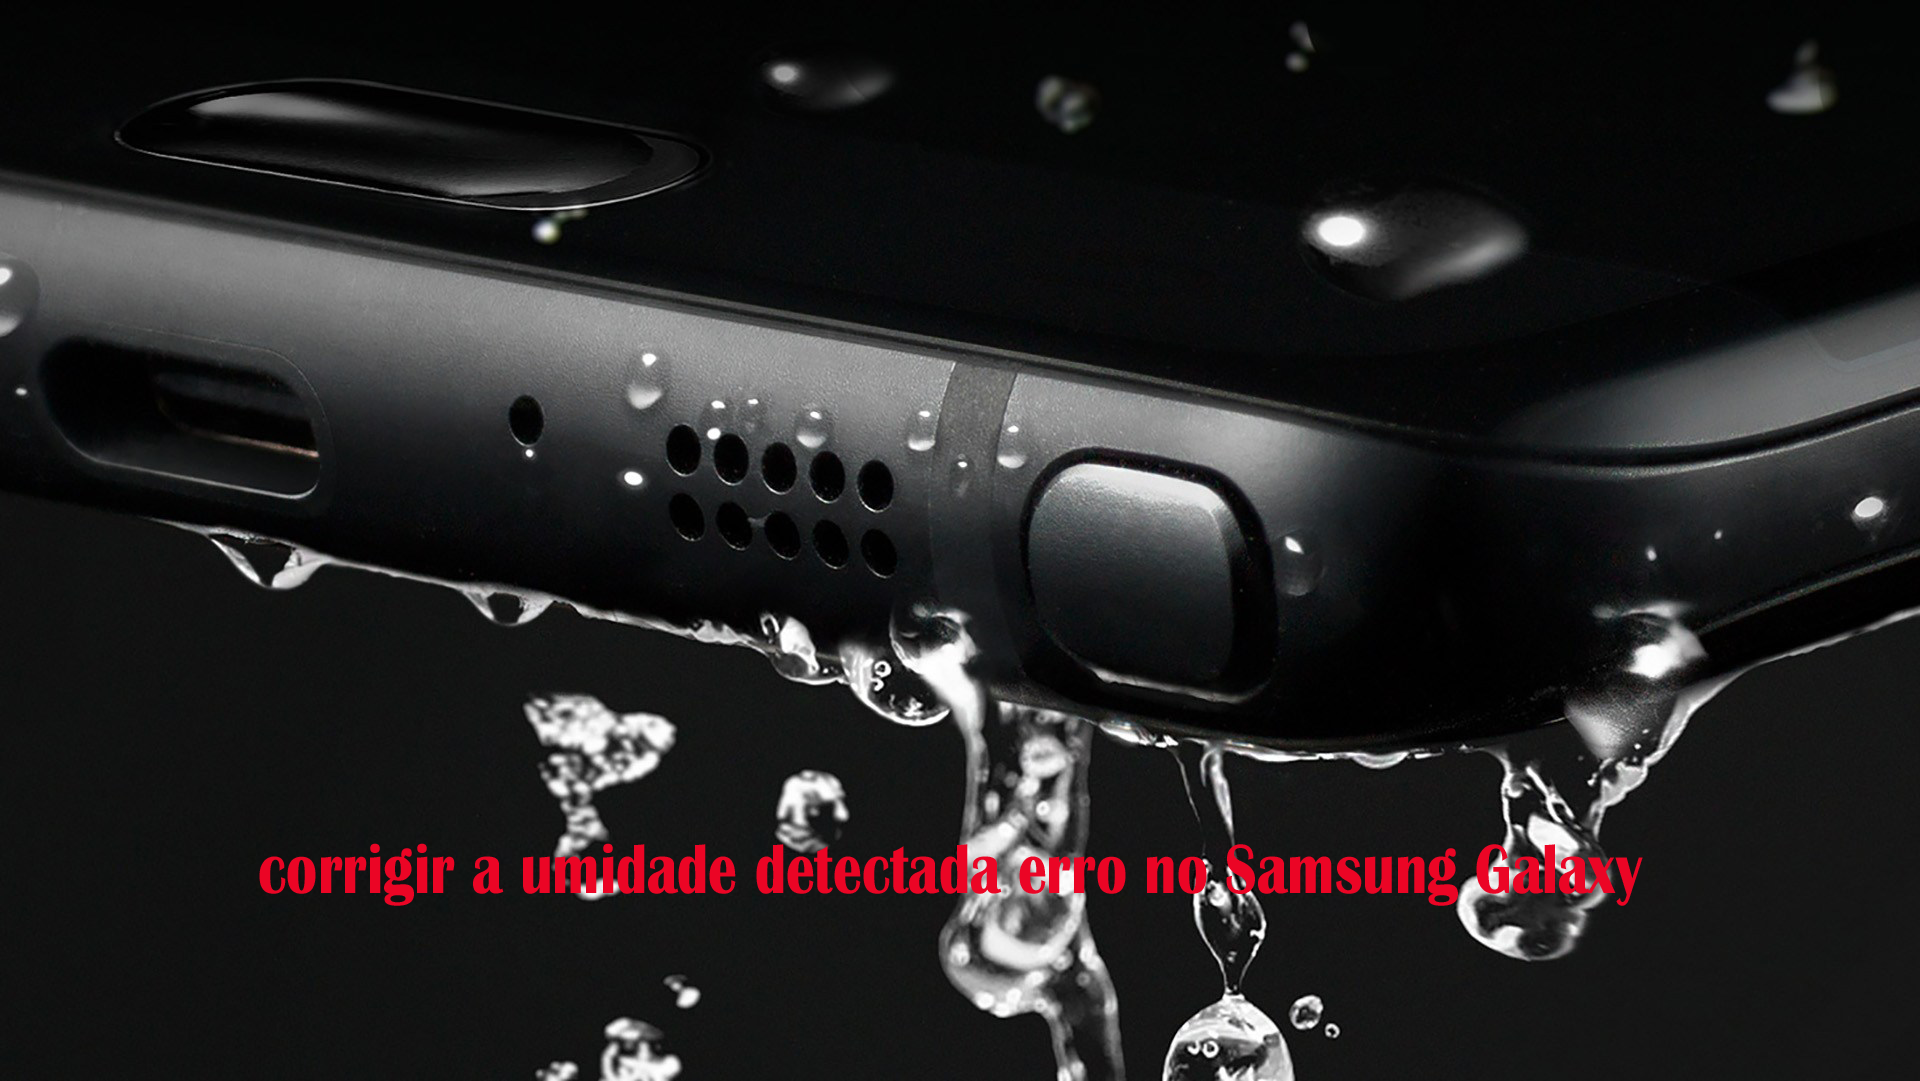 12 métodos para corrigir a umidade detectada erro no Samsung